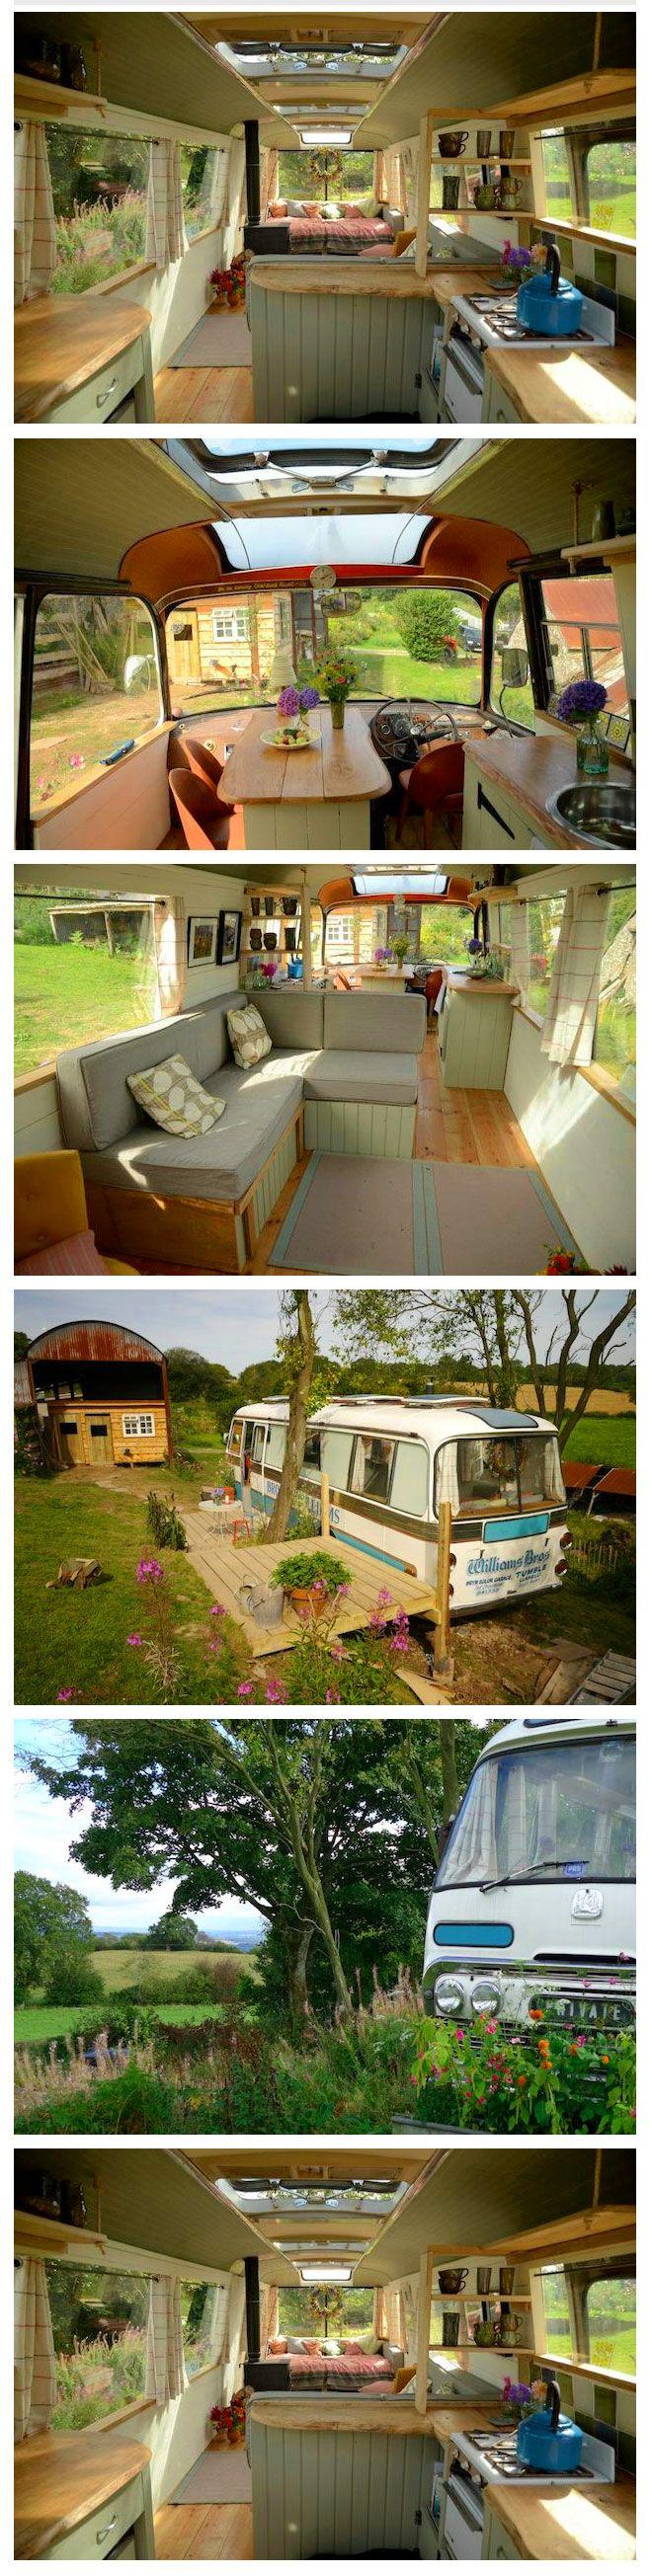 ein alter bus wieder zum leben erweckt gem tlich und sch n ein neues zuhause tinyhouseblog. Black Bedroom Furniture Sets. Home Design Ideas